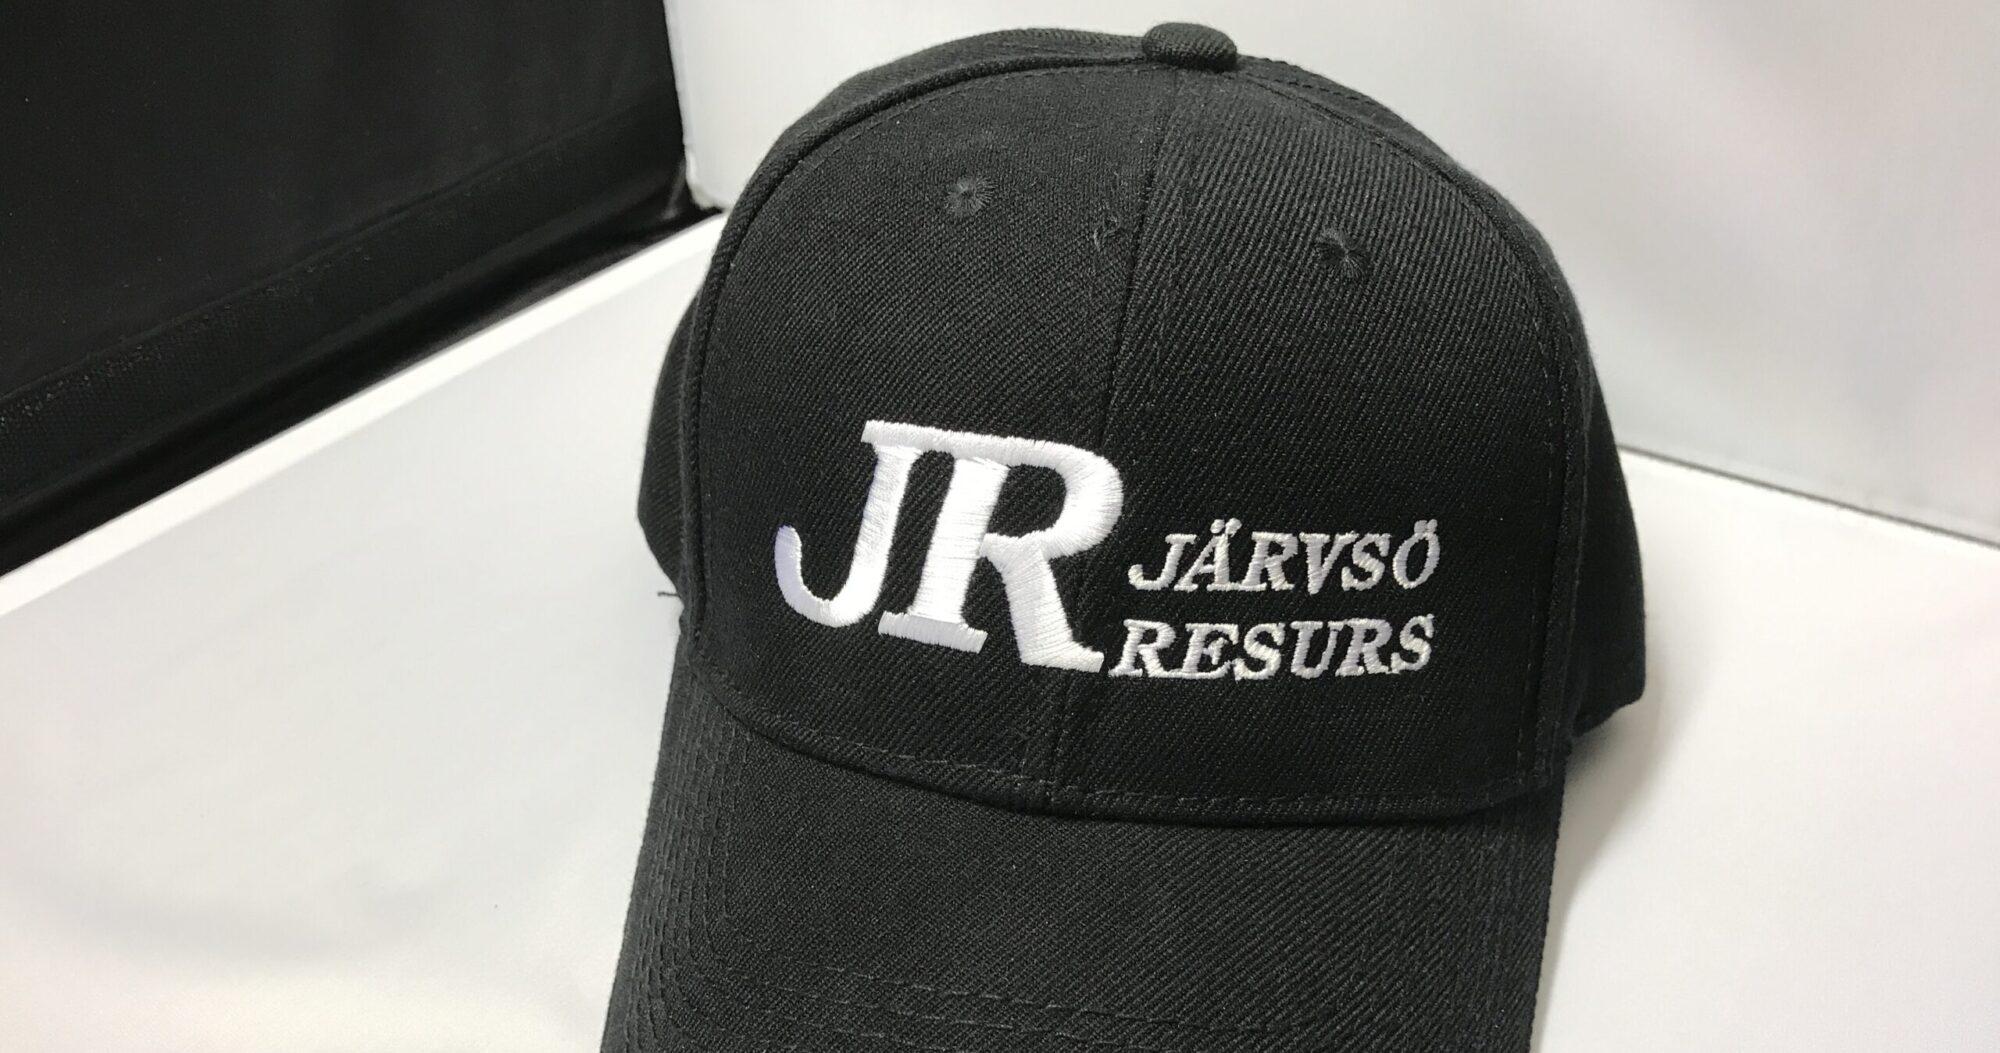 Järvsö Resurs